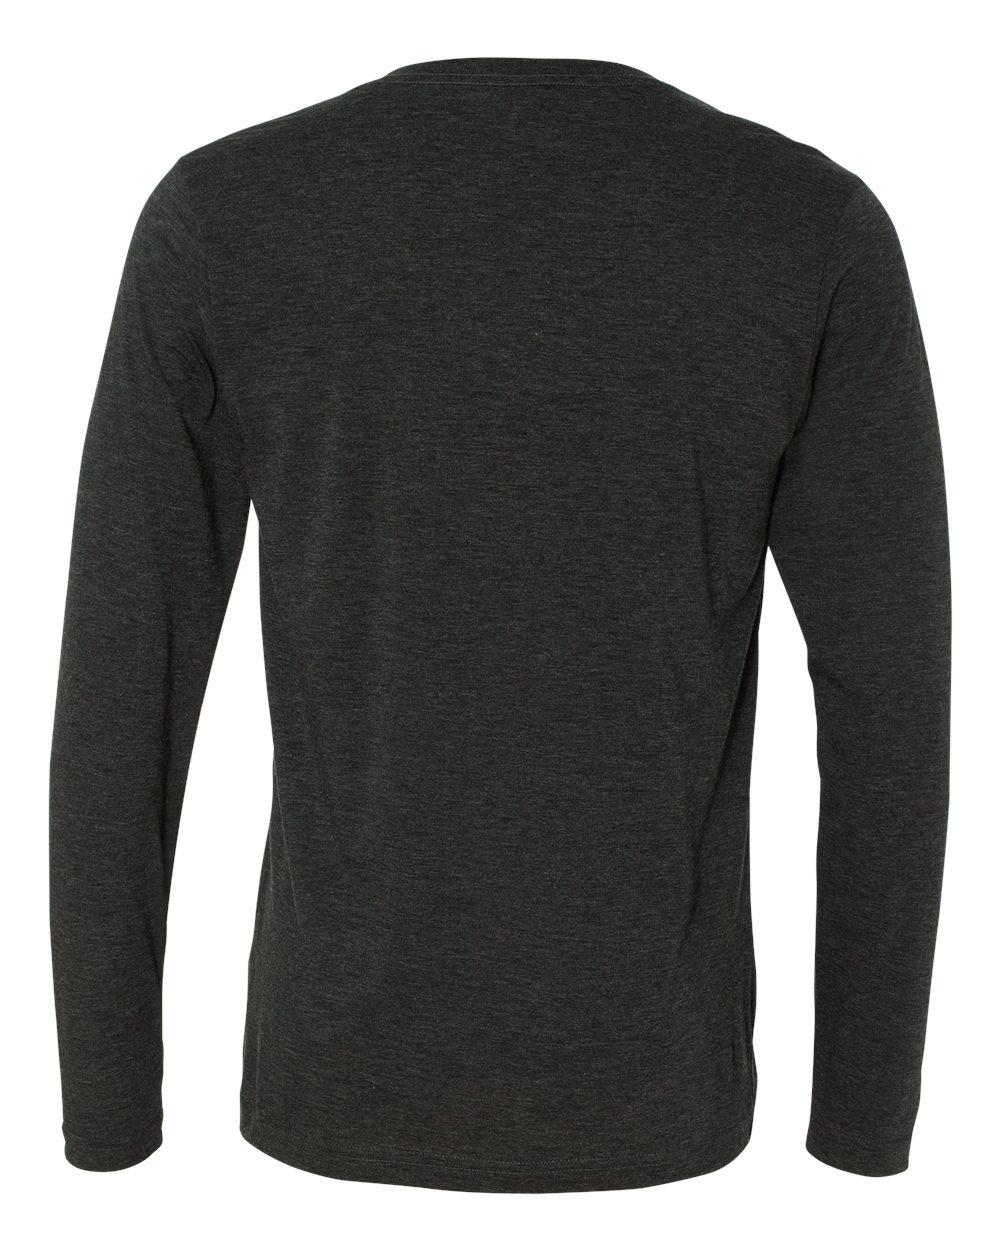 Bella-Canvas-Unisex-Jersey-Long-Sleeve-V-Neck-T-Shirt-3425-XS-2XL thumbnail 4